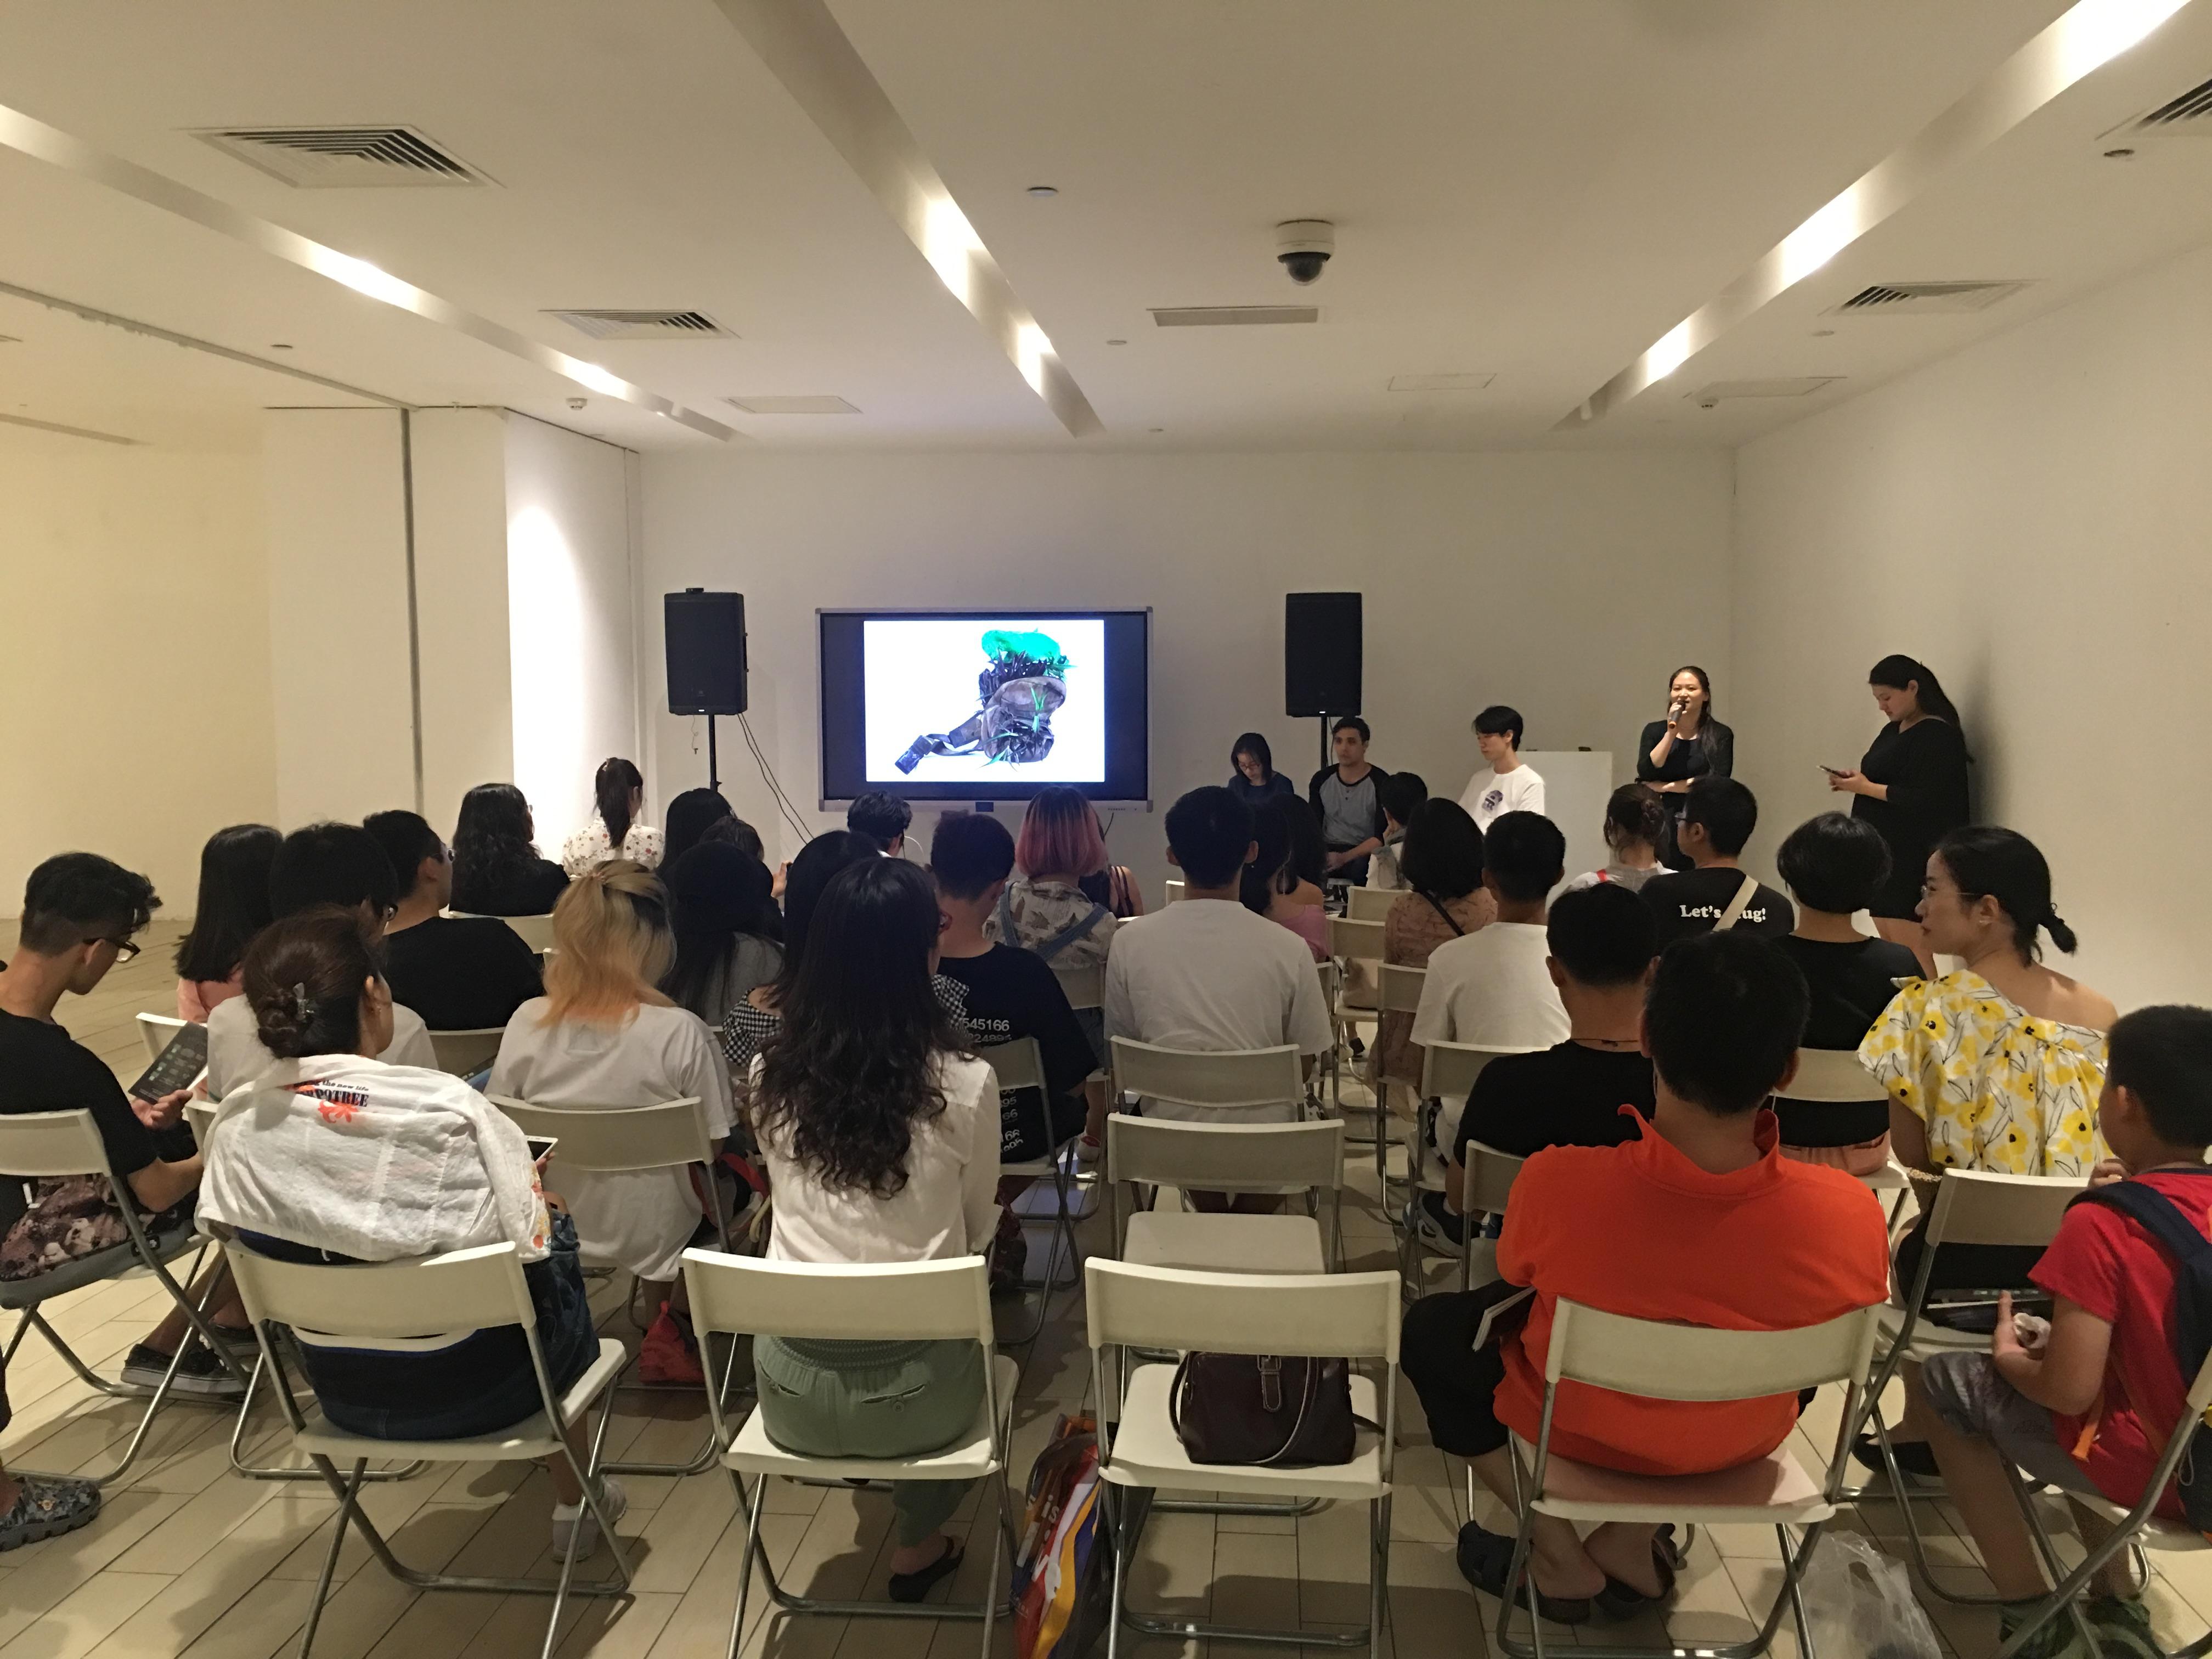 陆浩明在chi K11 美术馆主讲公共艺术讲座